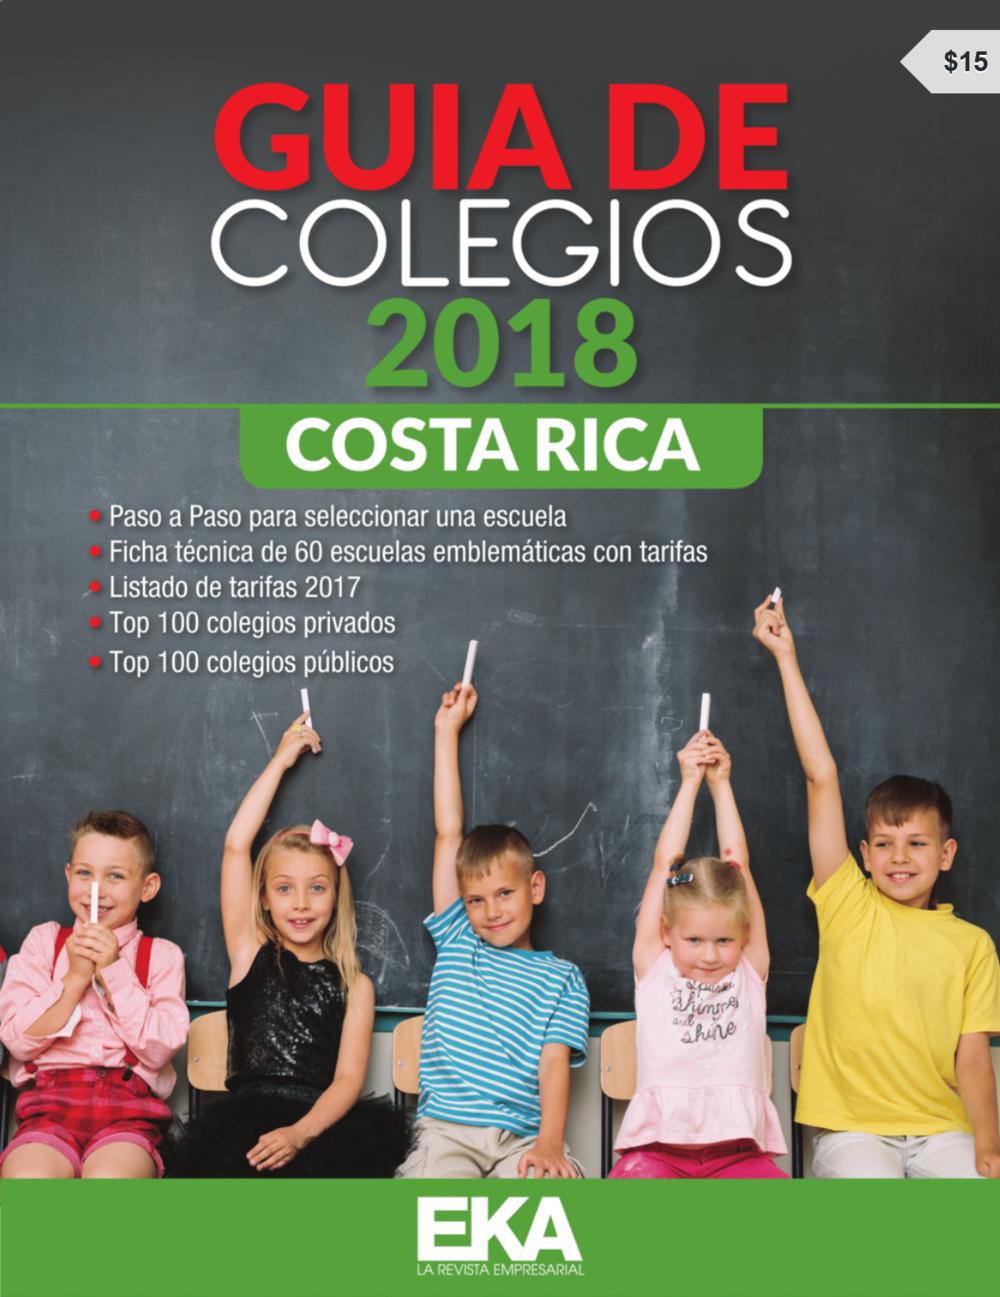 Guía de Colegios 2018 Costa Rica